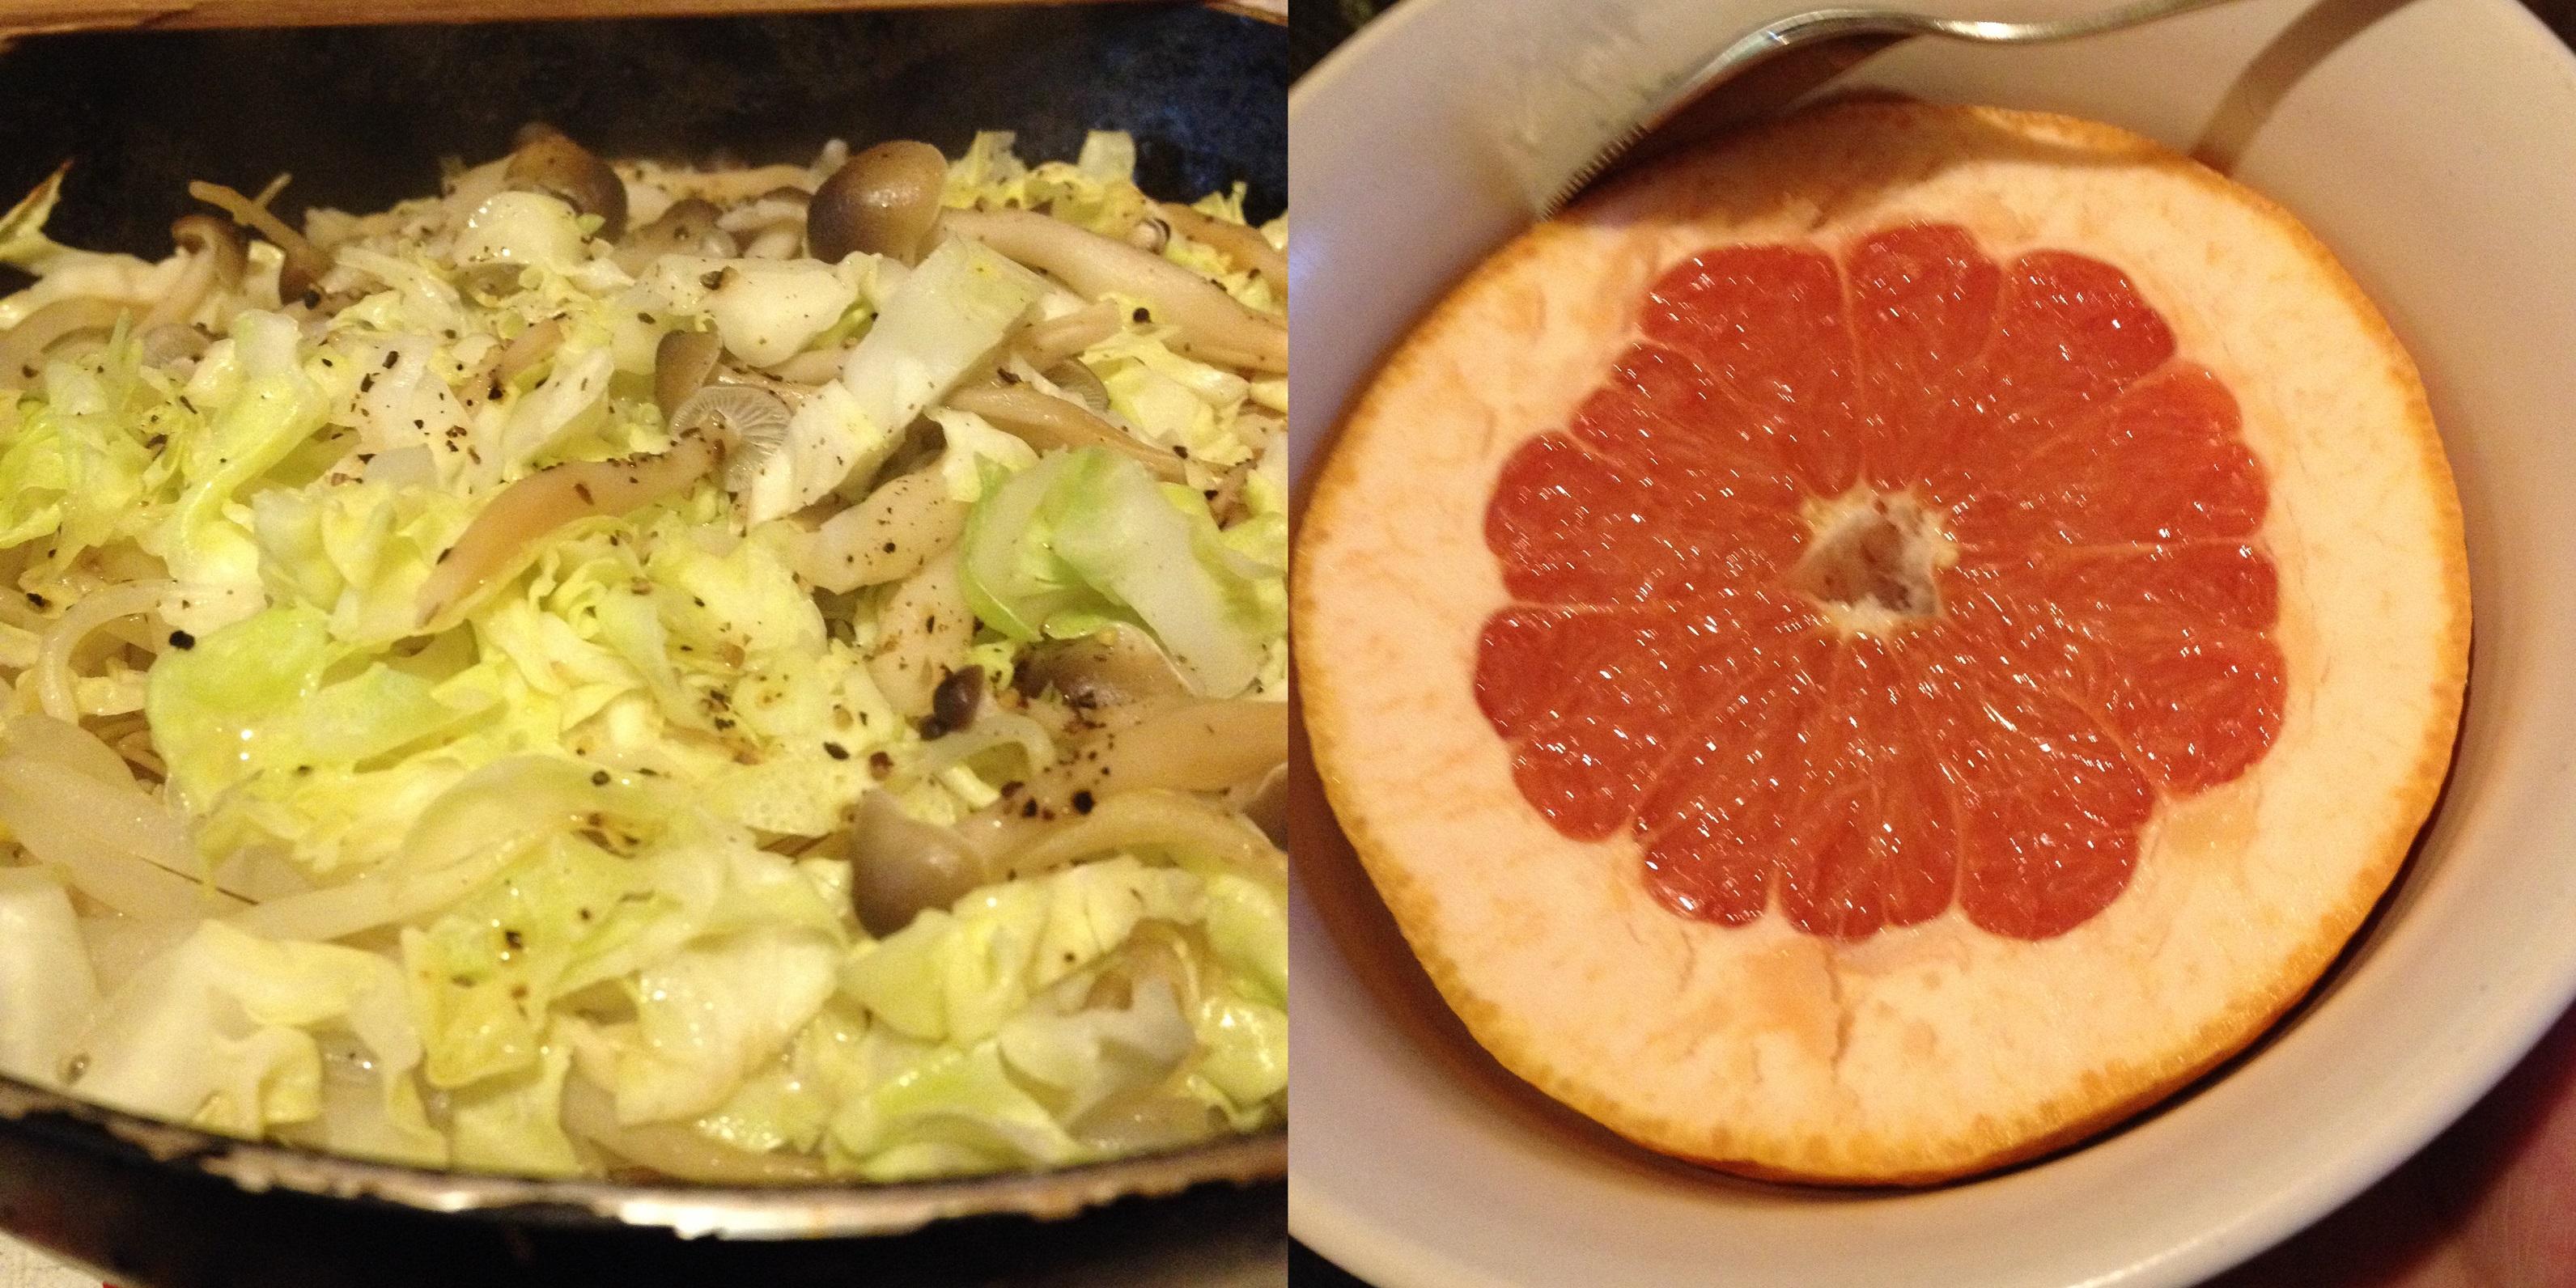 夜食の焼きビーフンとグレープフルーツ